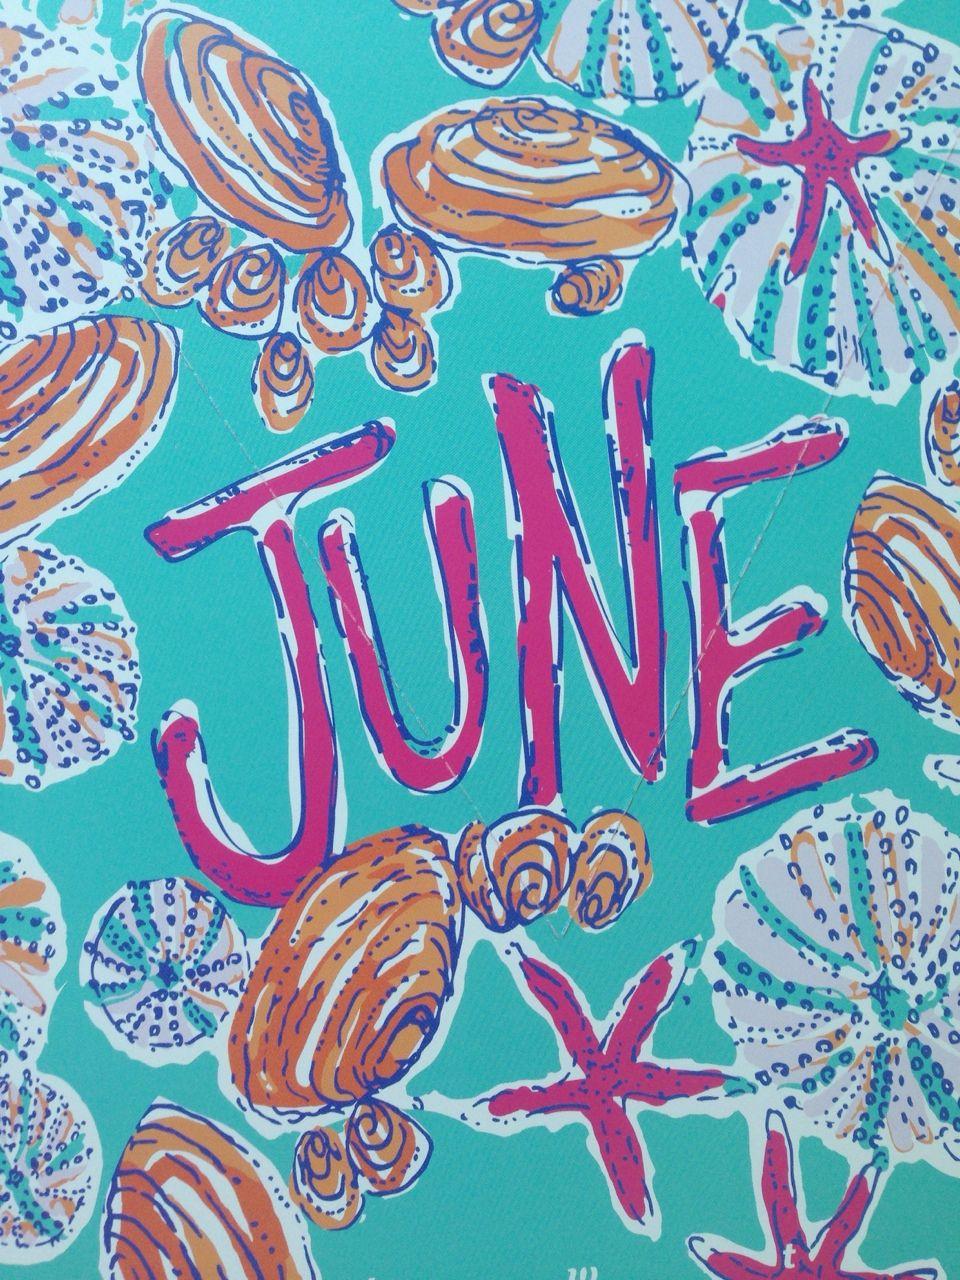 90bb8957bd9b76 june Summer Is Here, Summer Time, Summer Fun, Summer Breeze, Hello June